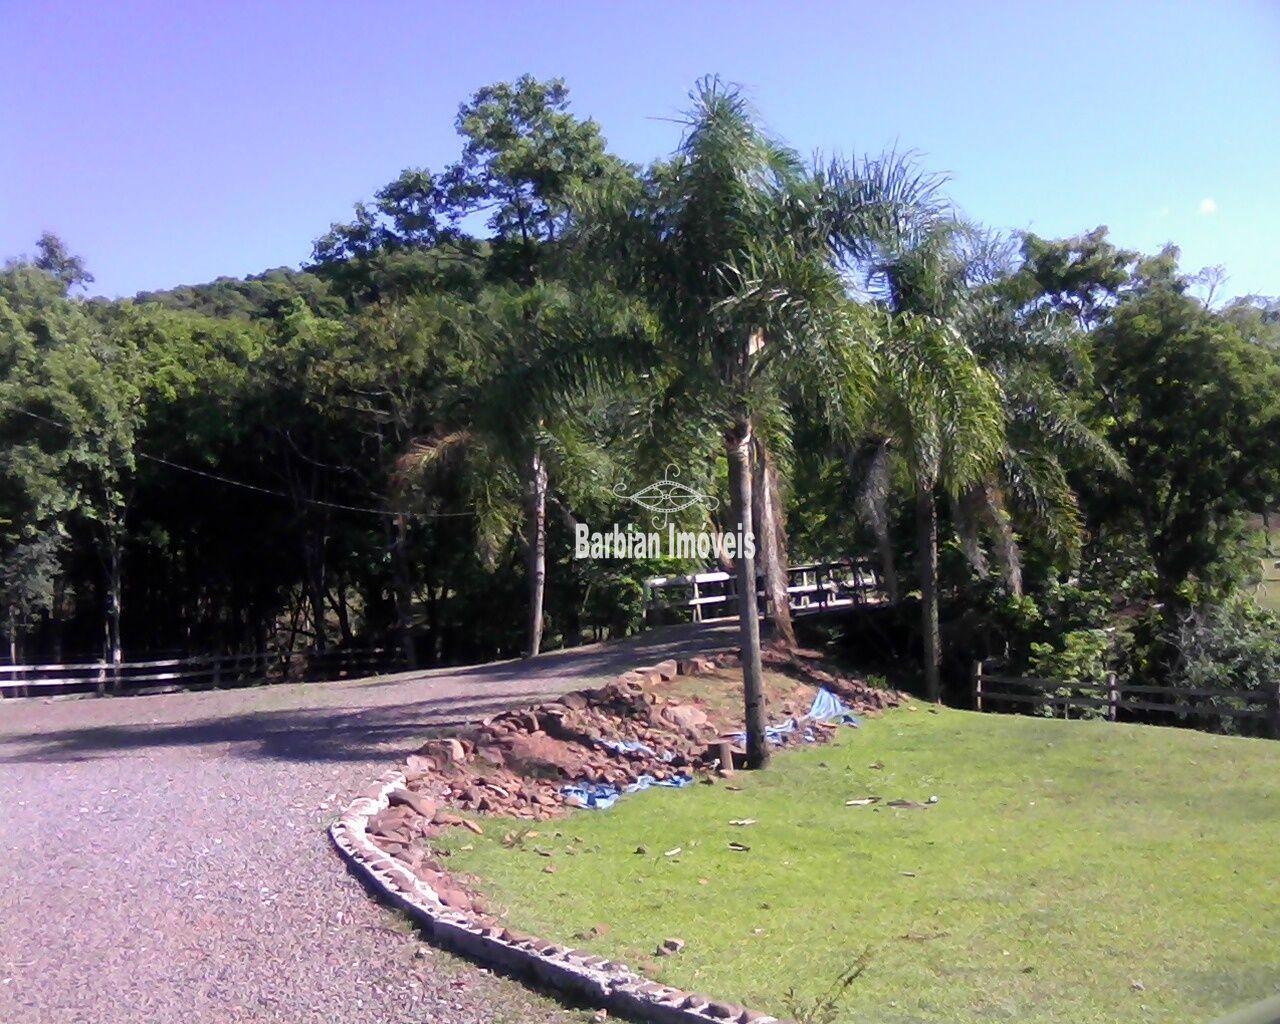 Terreno/Lote à venda  no Renascença - Santa Cruz do Sul, RS. Imóveis